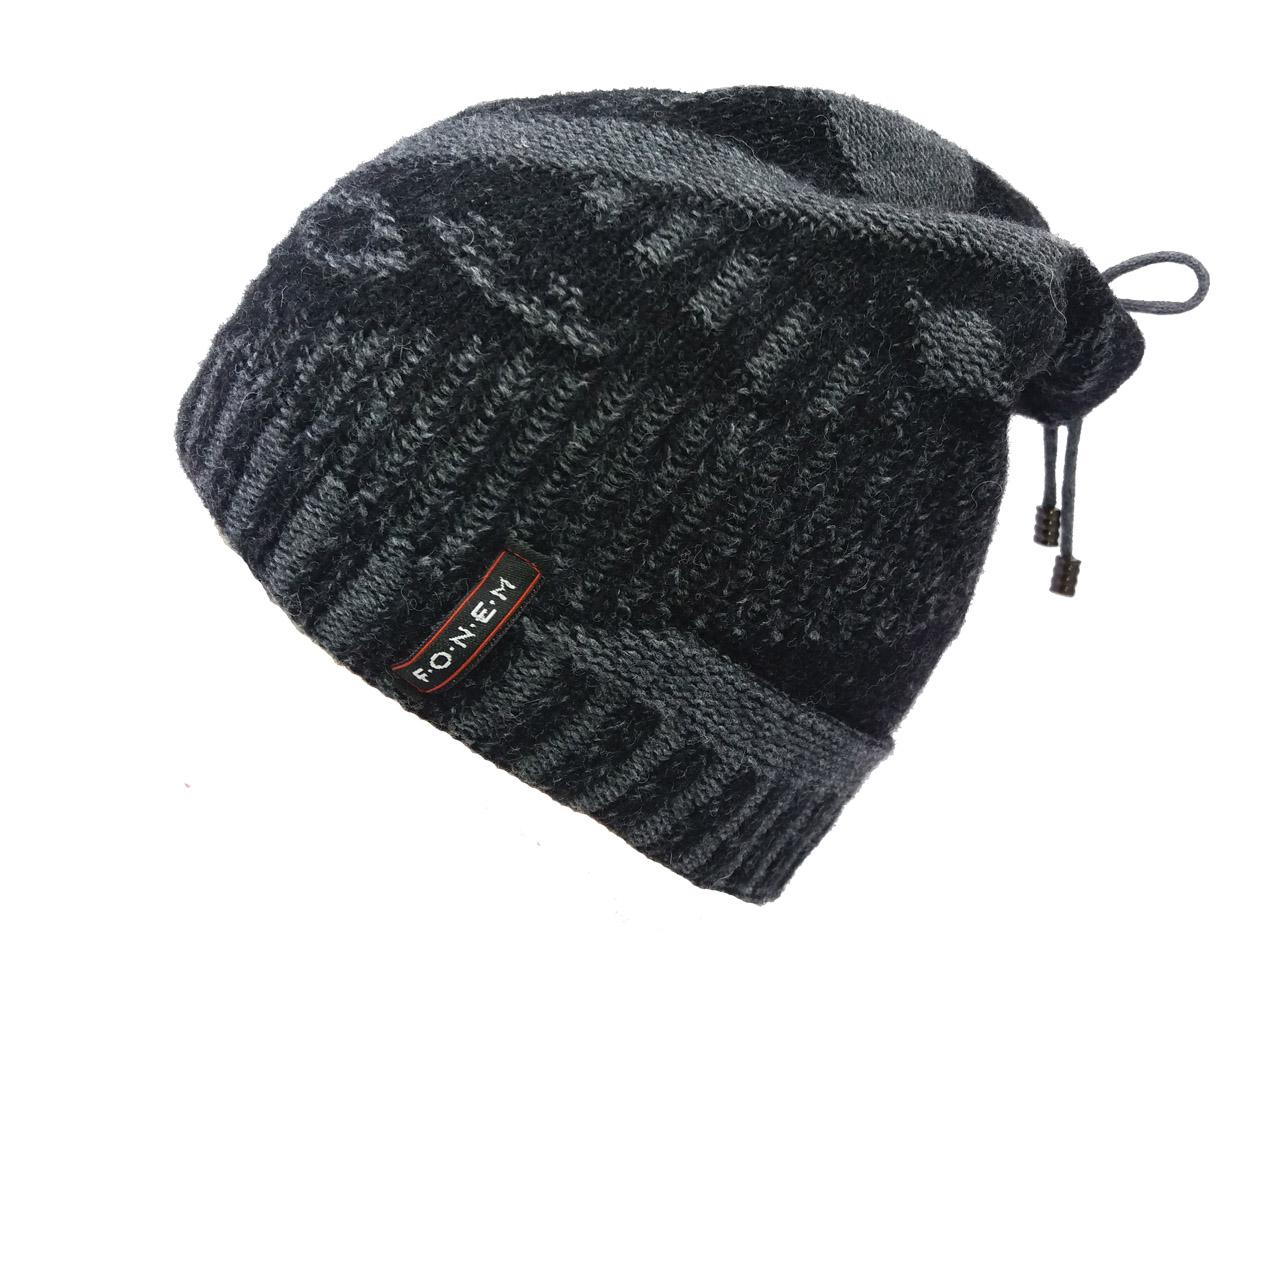 کلاه بافتنی مردانه فونم مدل 1262